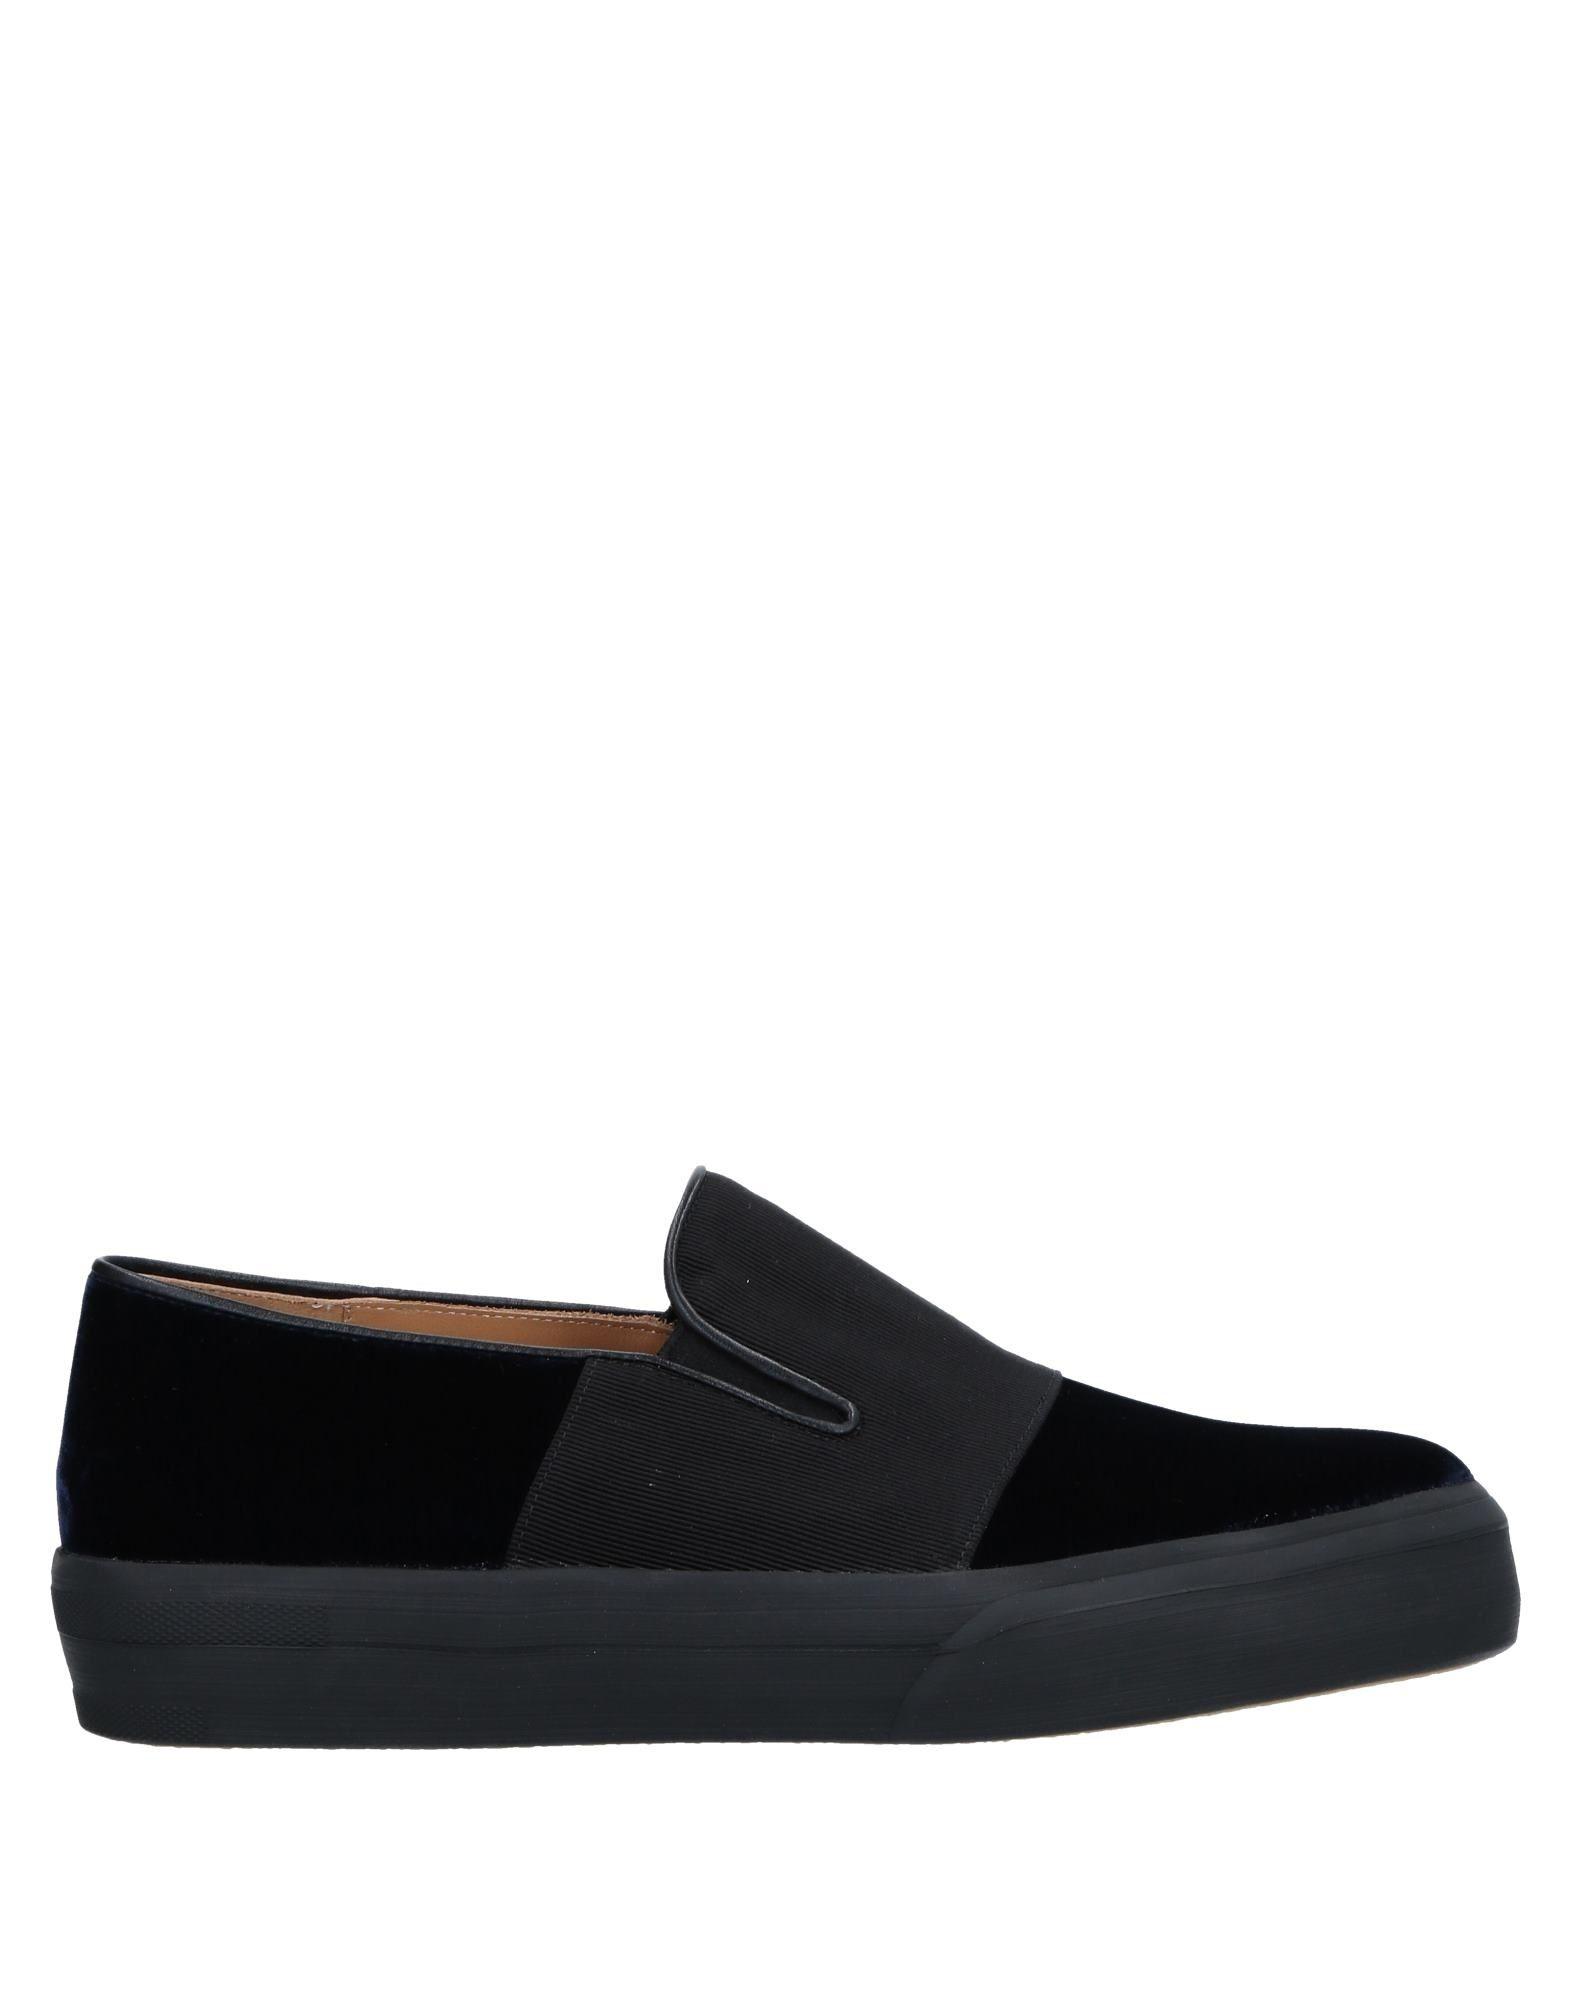 Dries Van Noten Sneakers Herren  11498593FJ Gute Qualität beliebte Schuhe